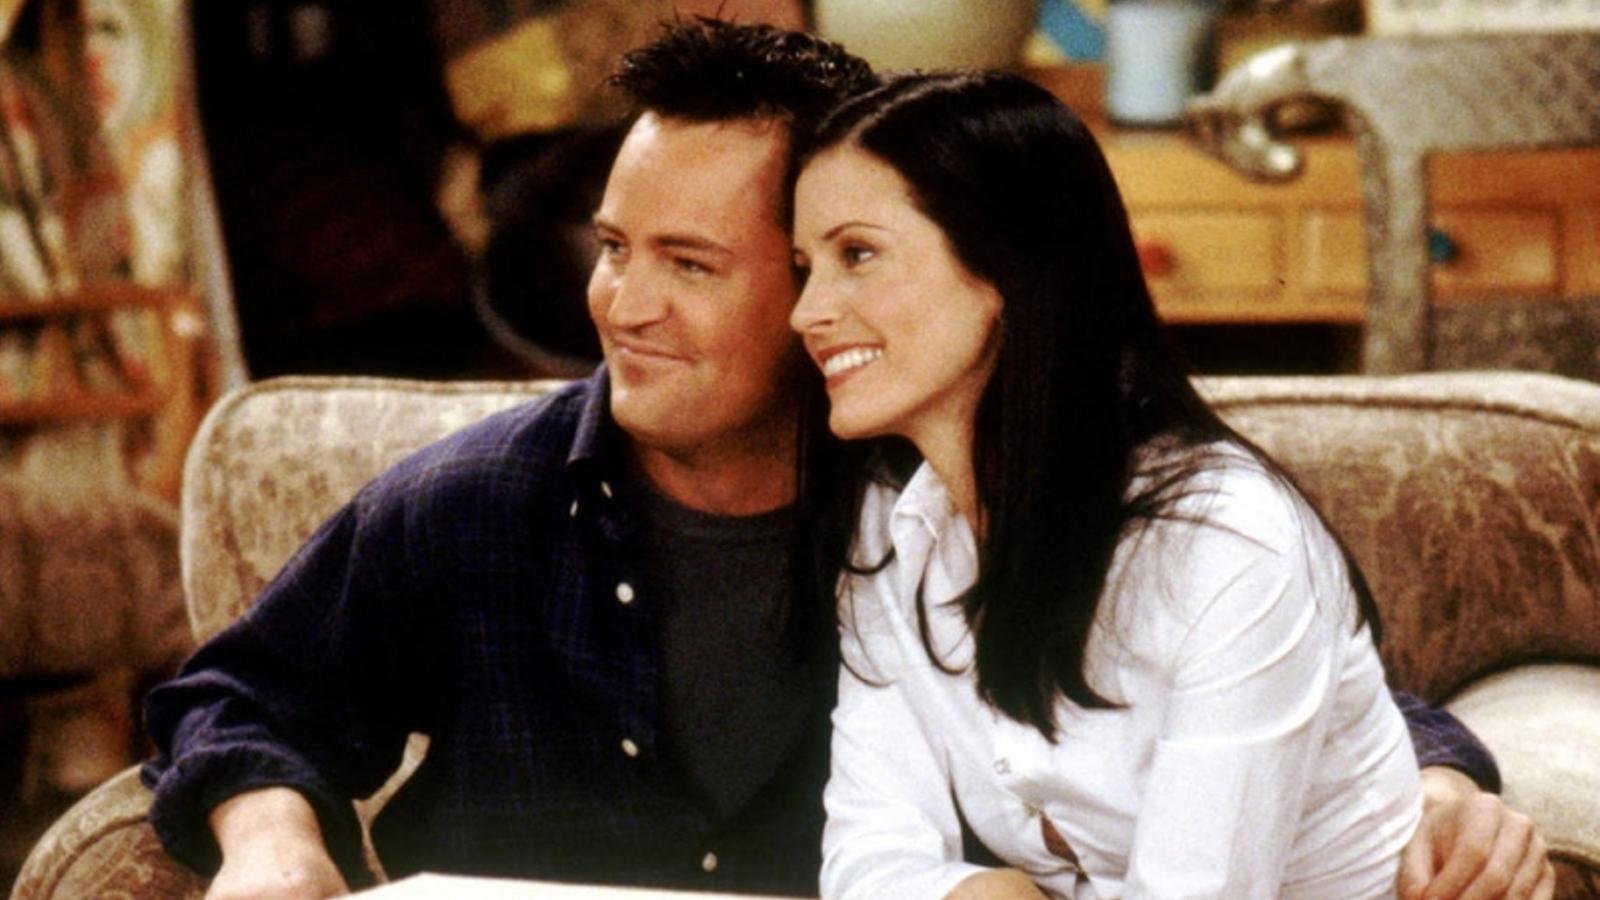 La història del Chandler i la Monica només havia de durar una nit